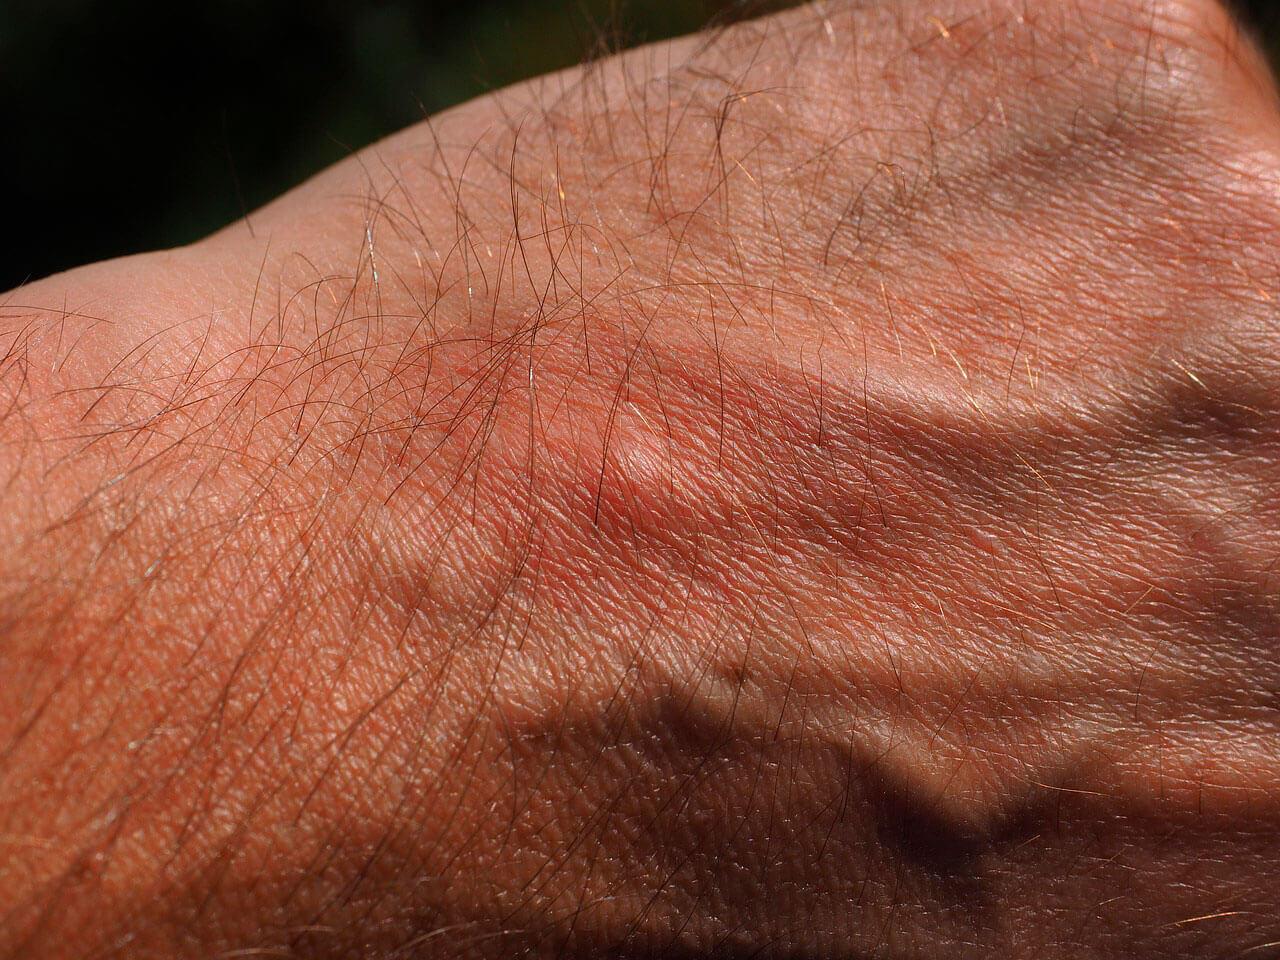 Infecções bacterianas comuns da pele | Comuns e como tratar